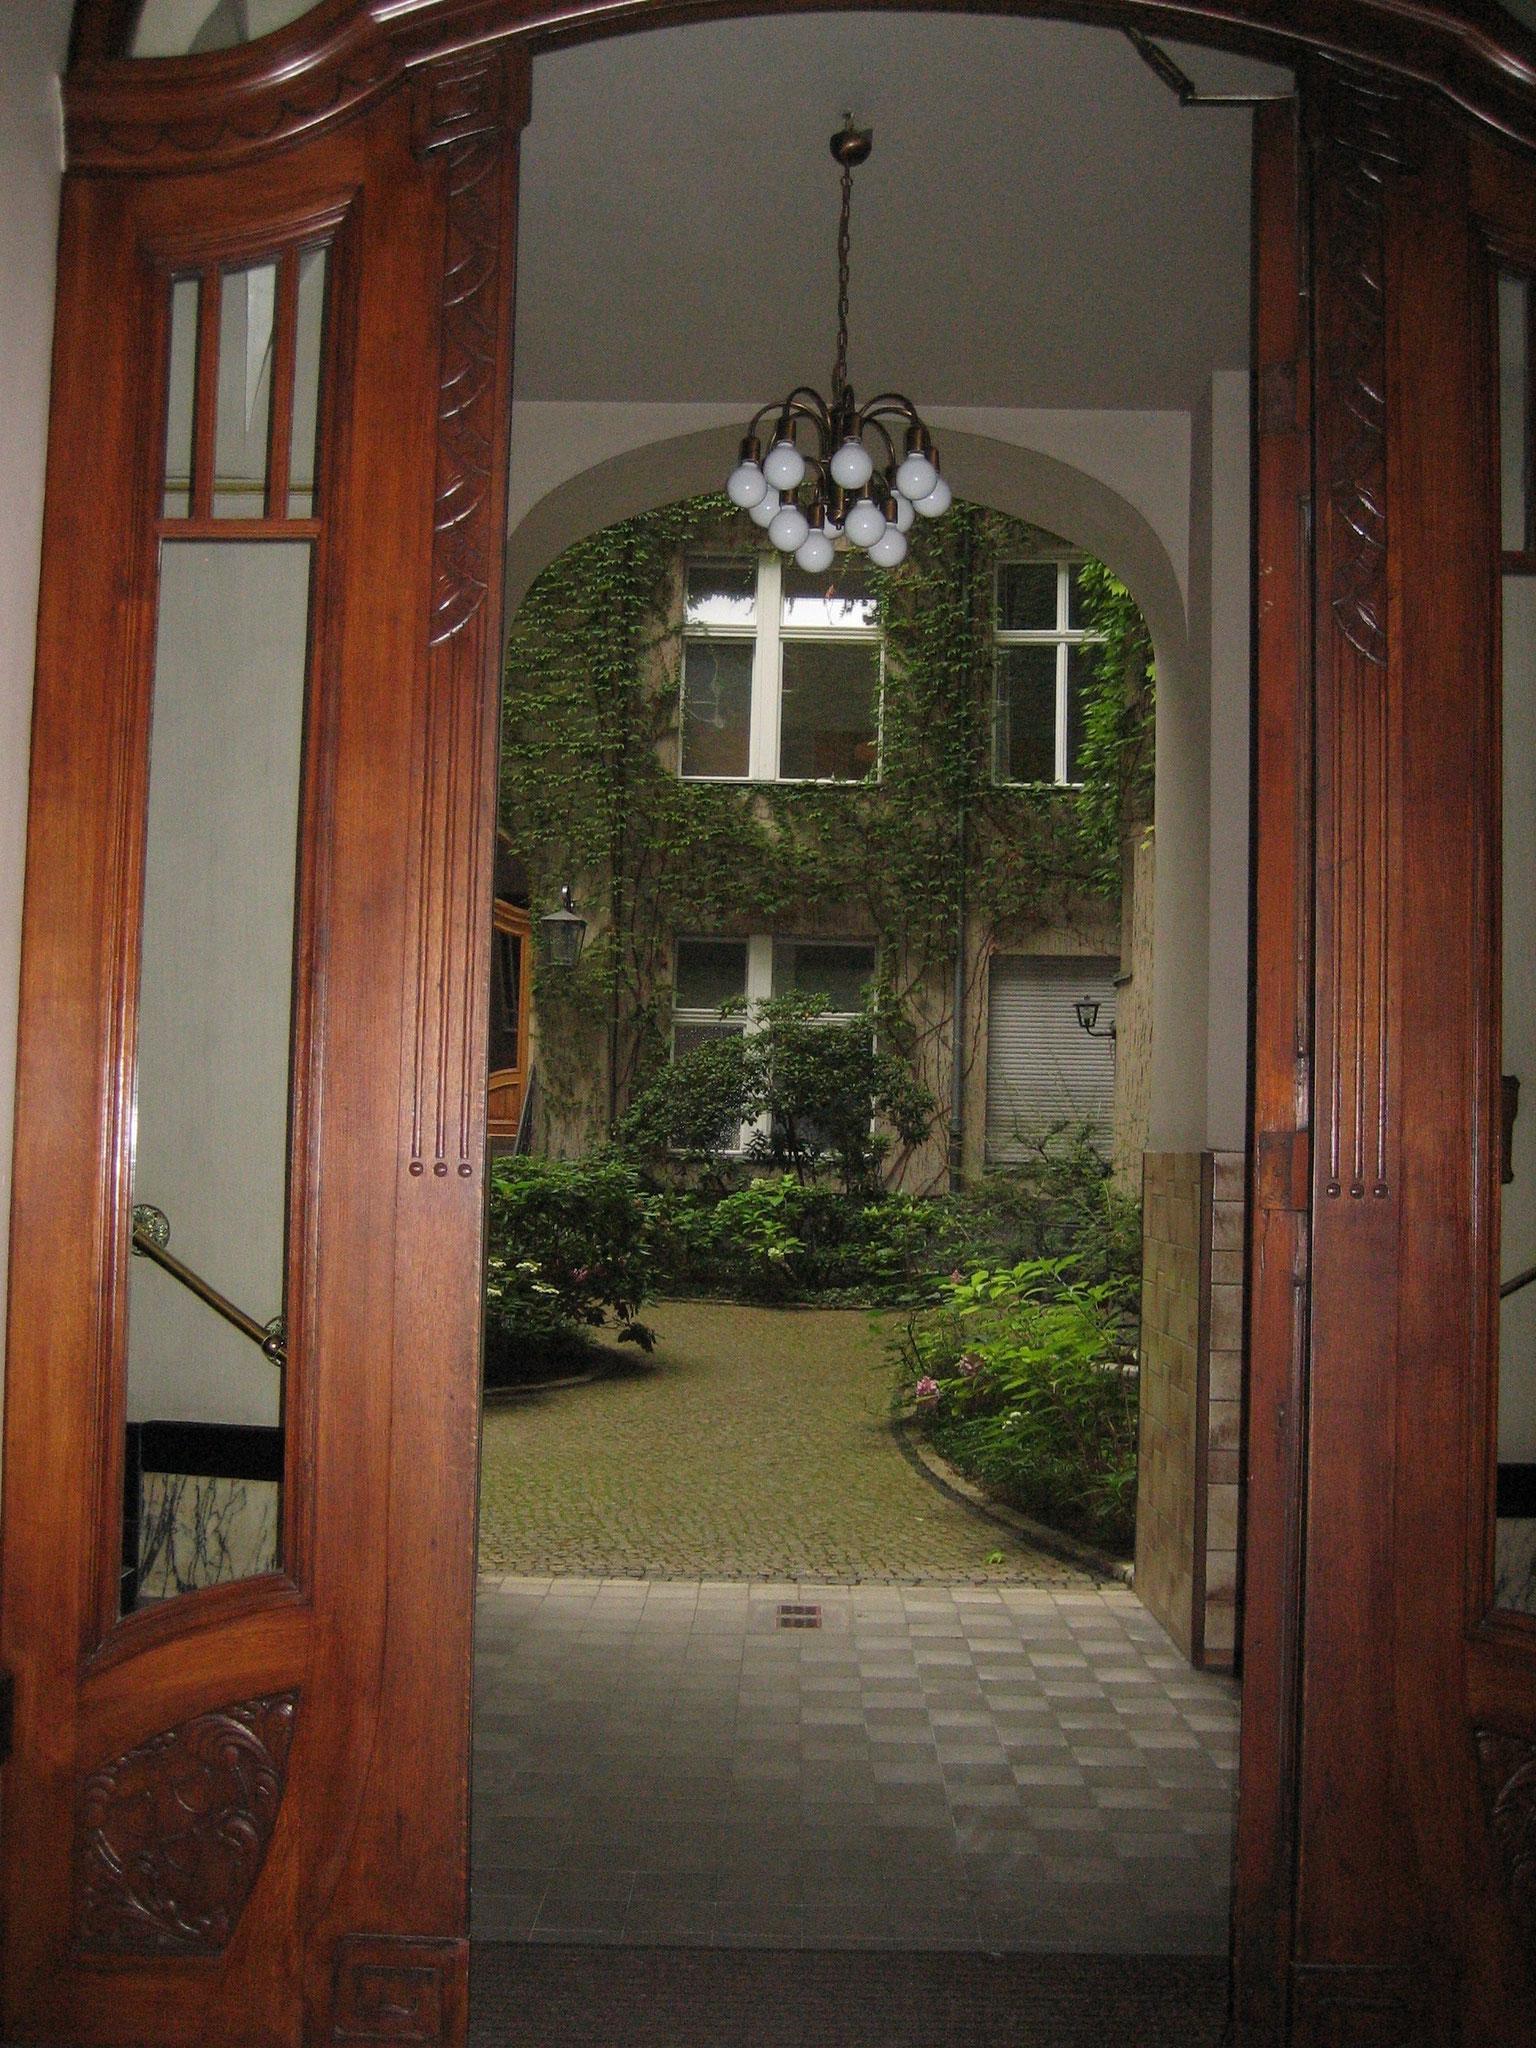 Mommsenstr. 7, Hinterhaus